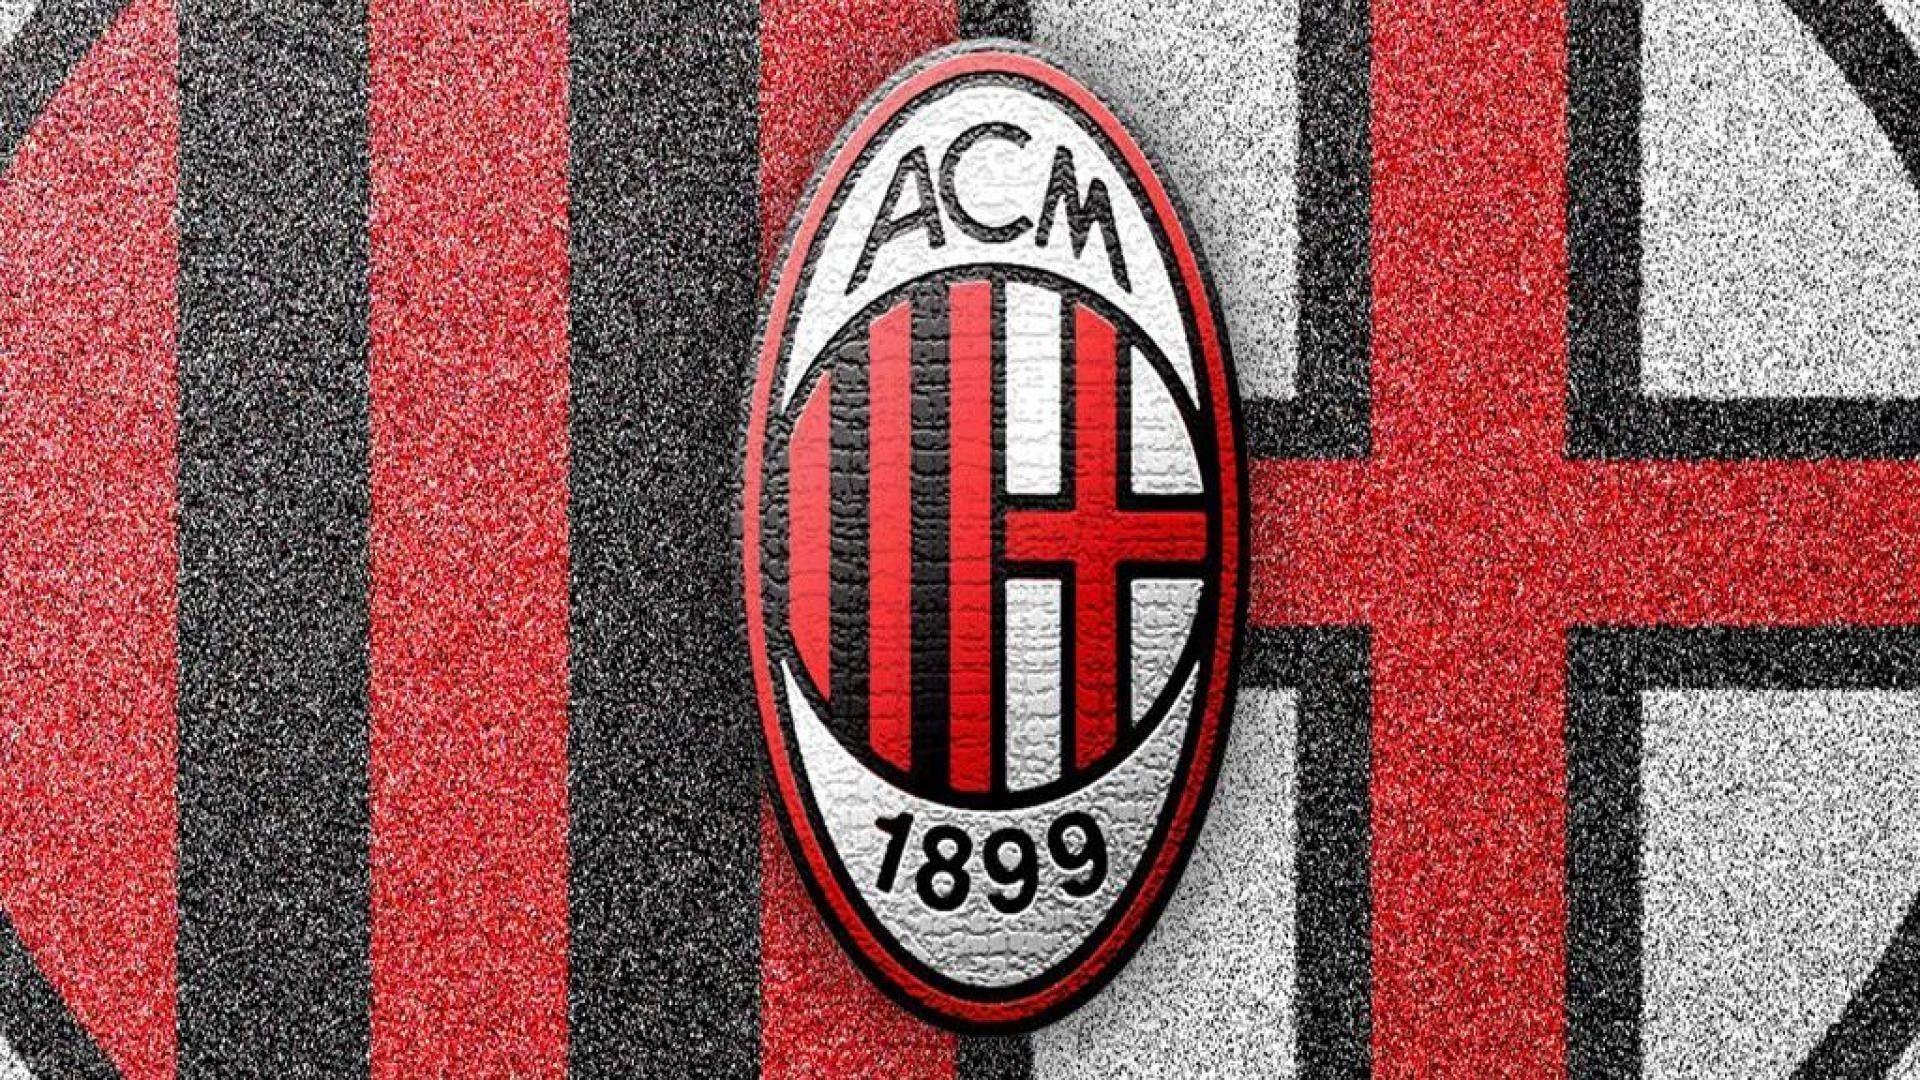 Ac Milan a wallpaper